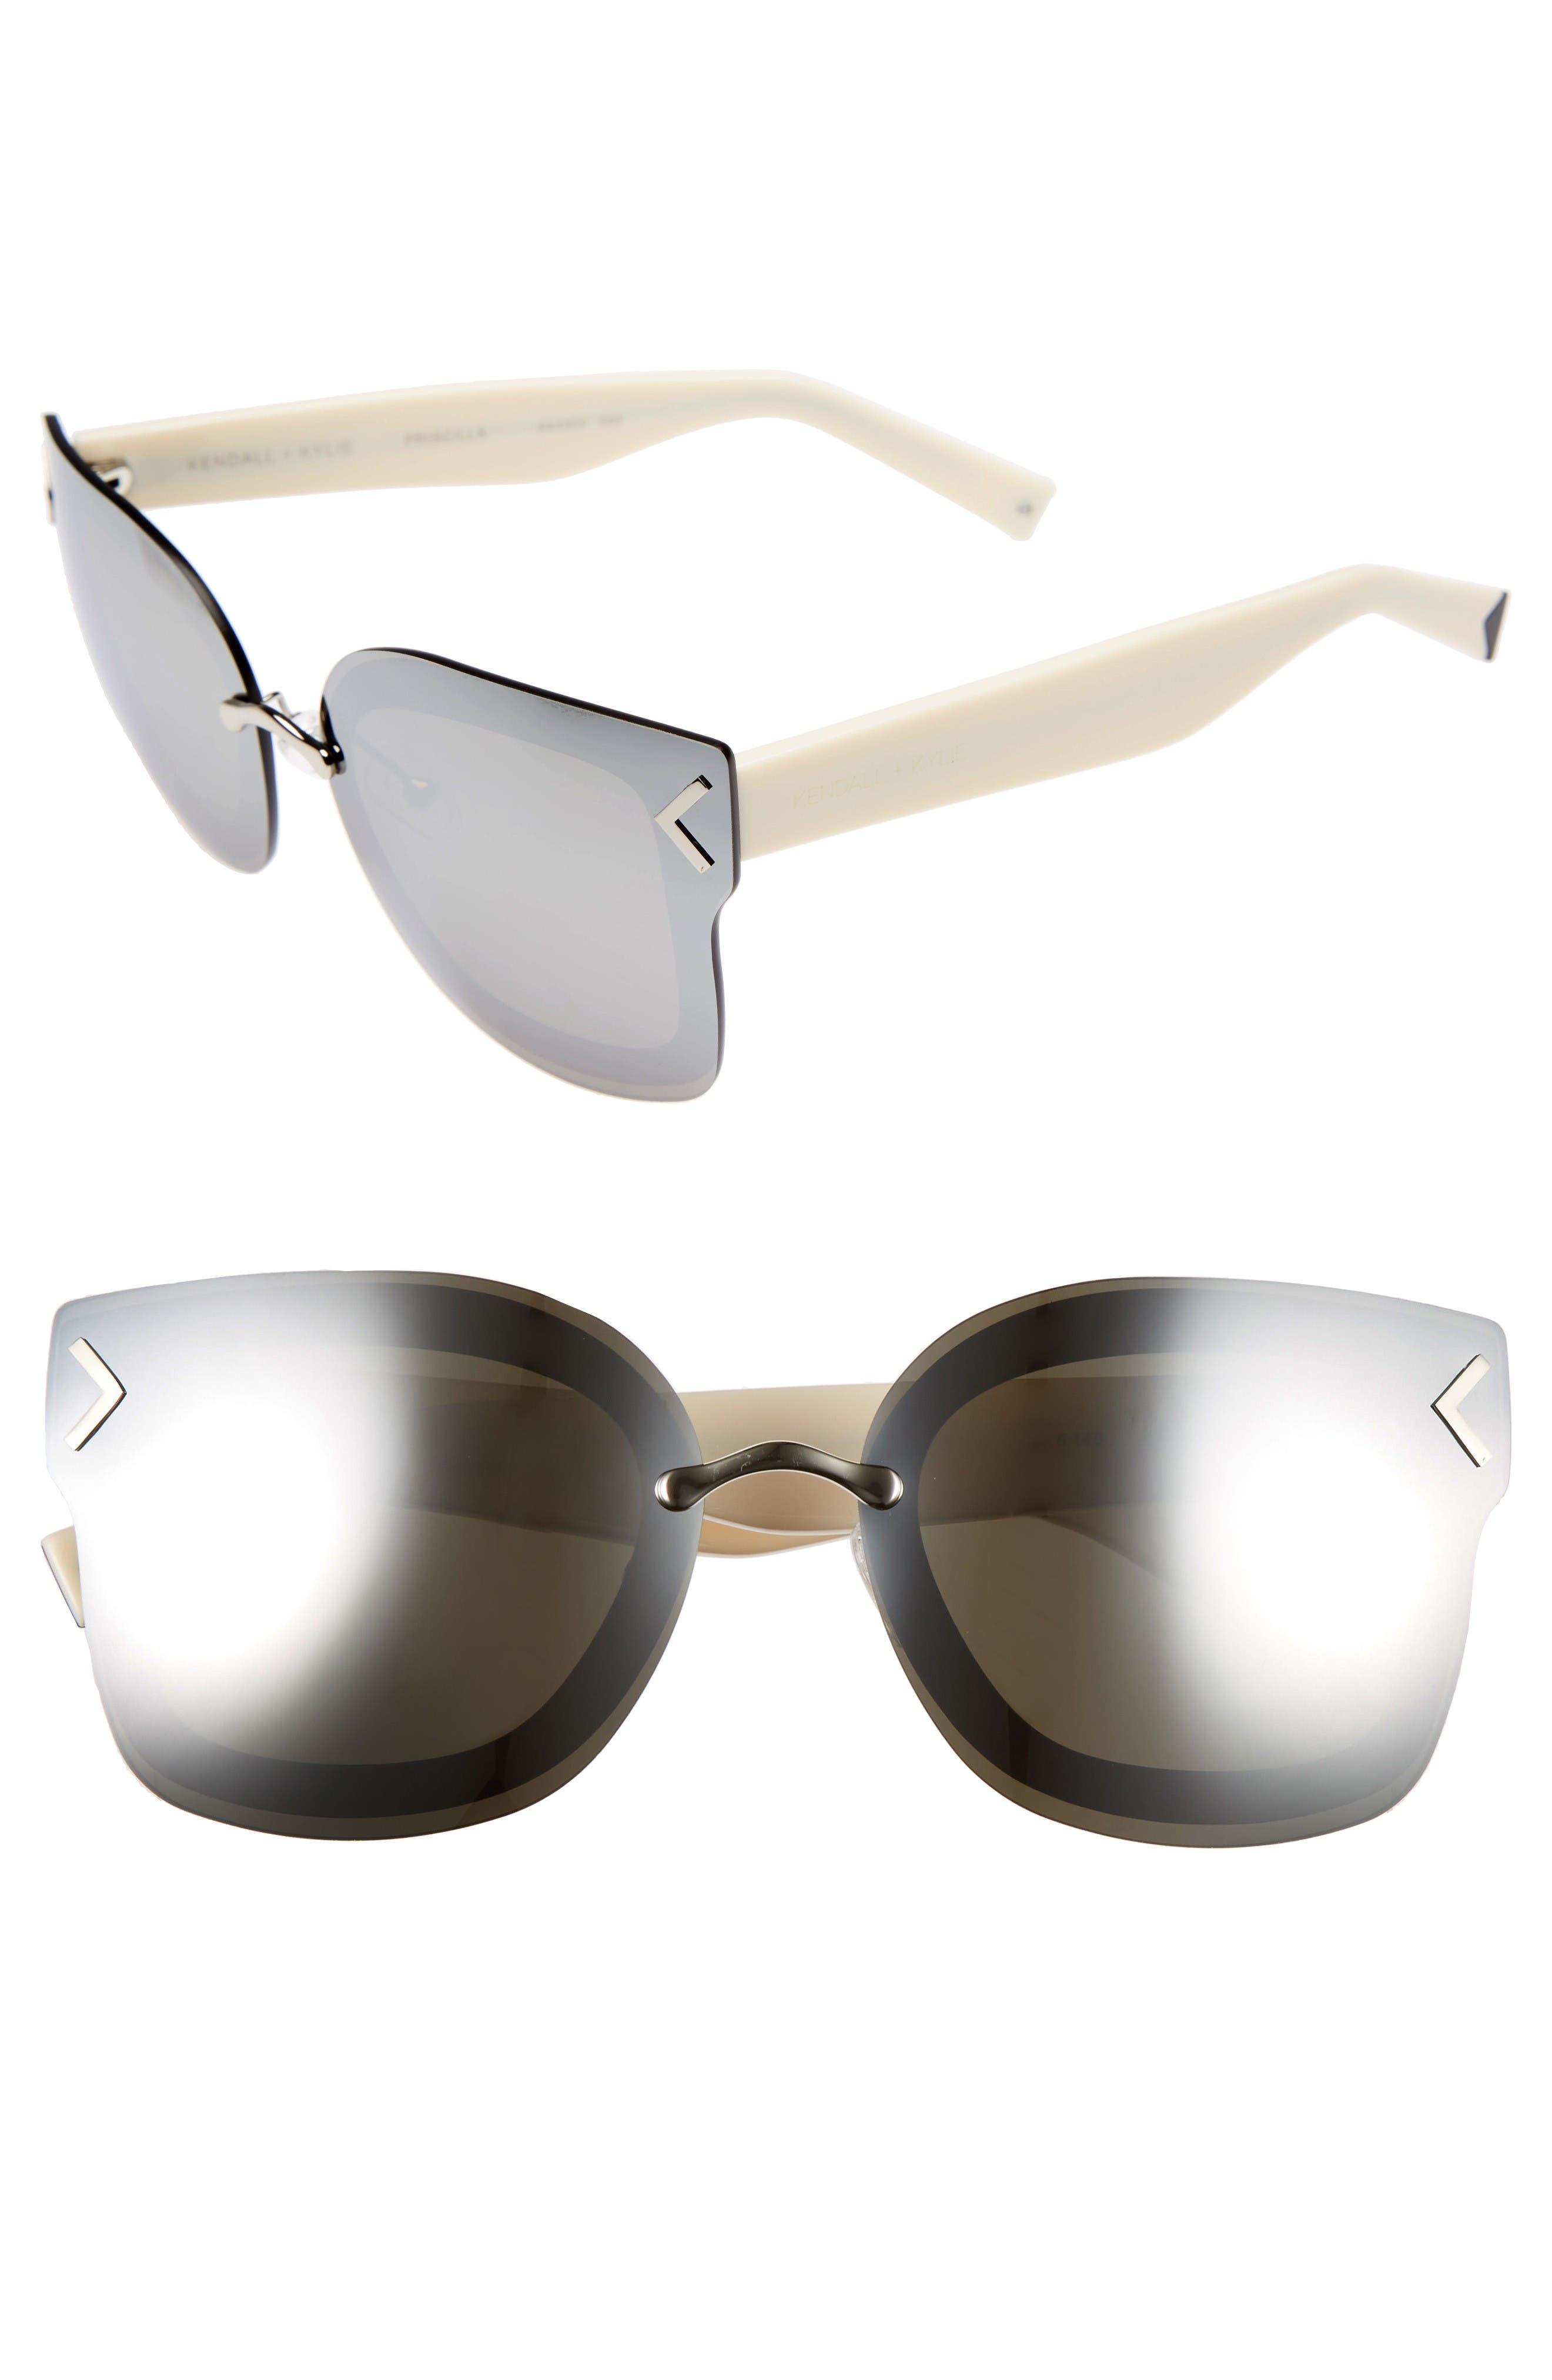 Priscilla 65mm Butterfly Sunglasses,                         Main,                         color, Silver/ Black/ Snow Leopard